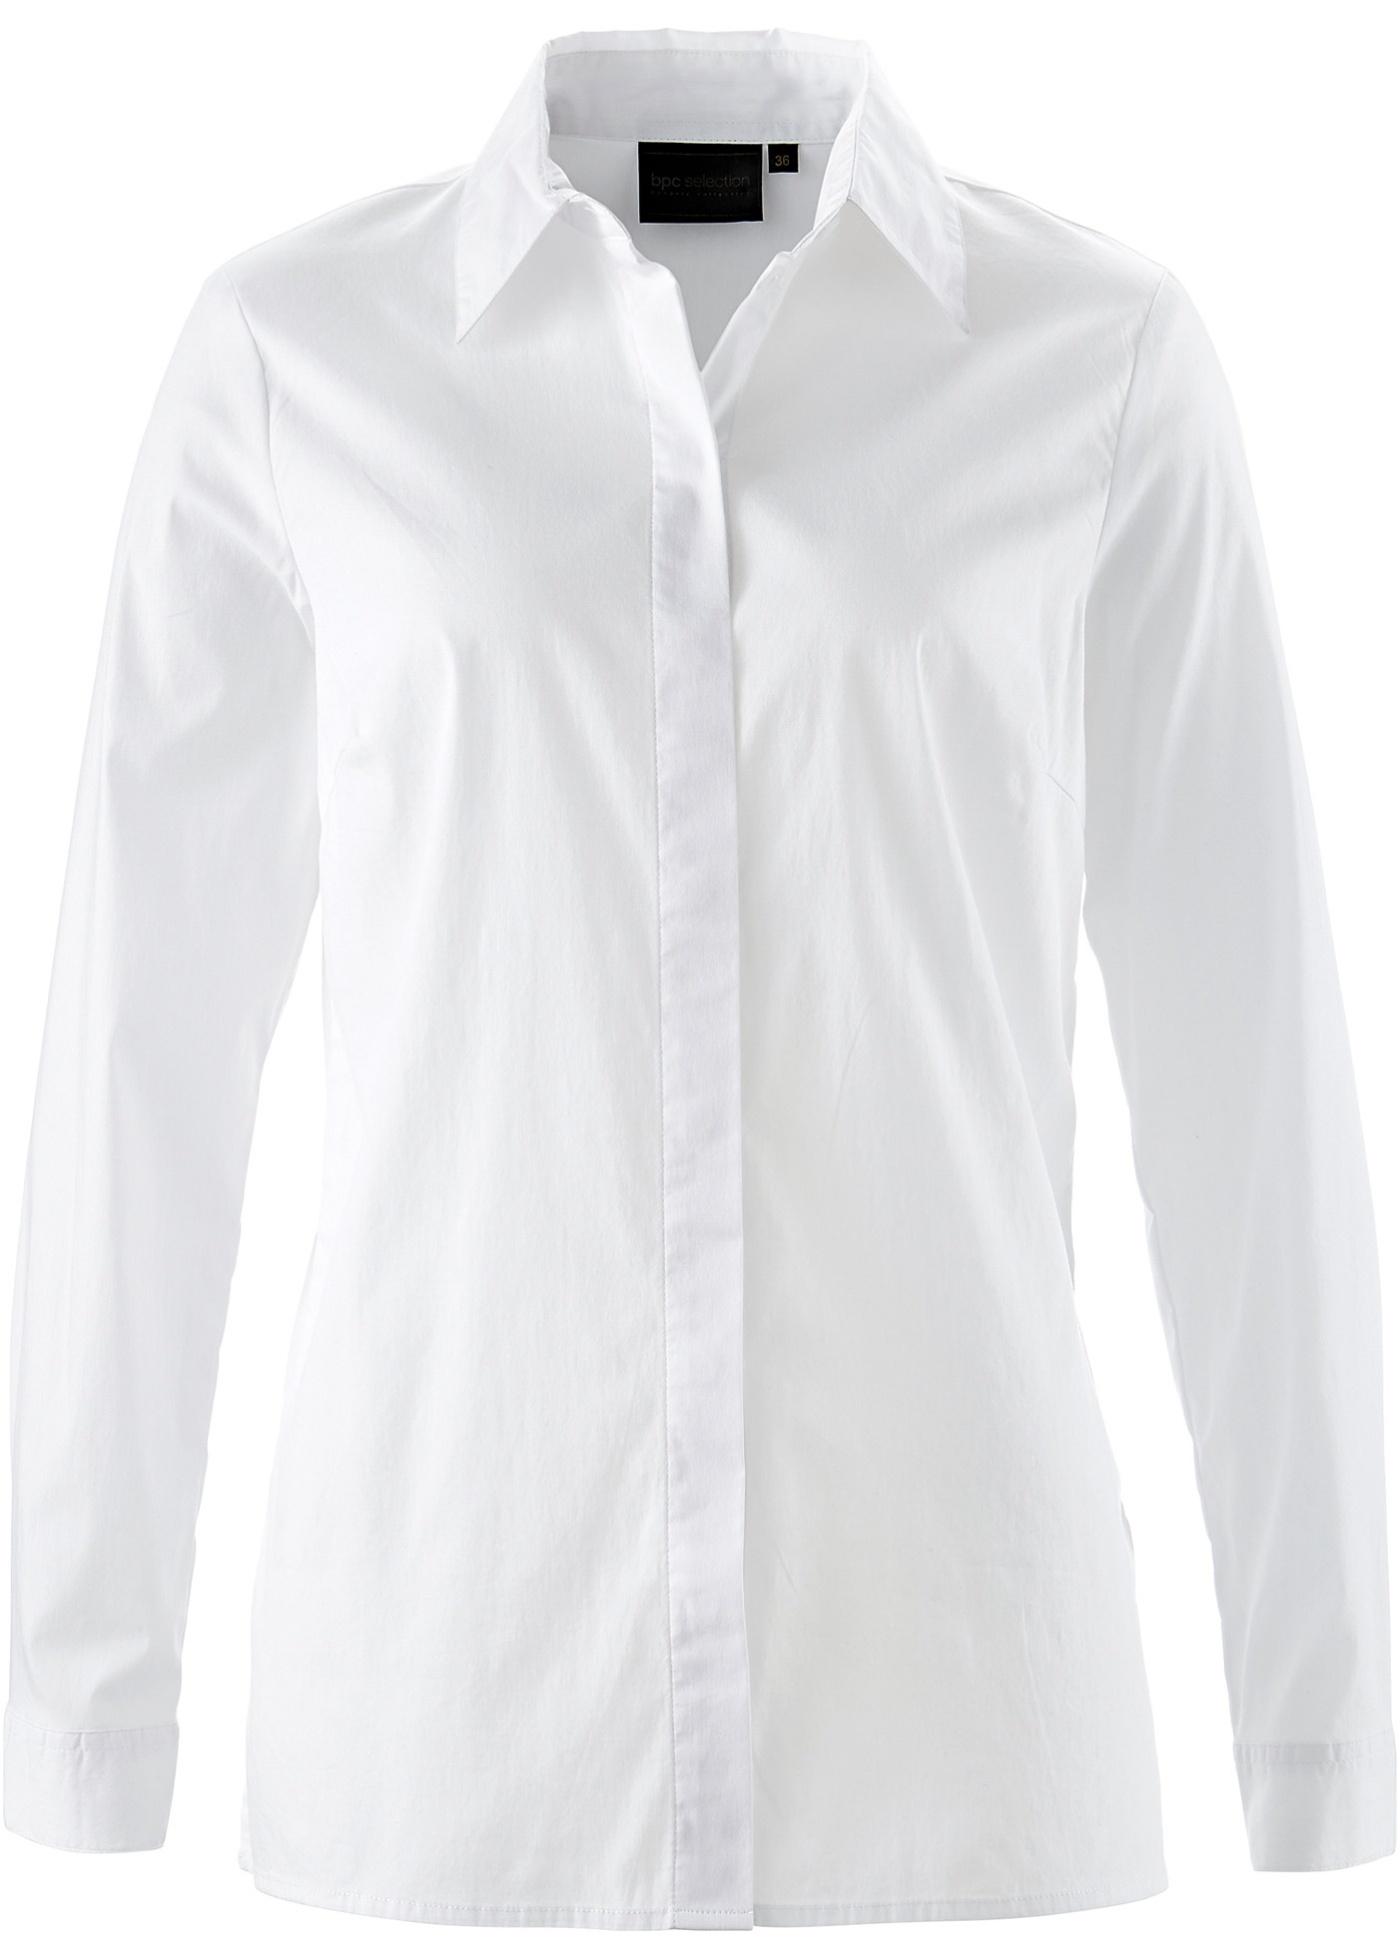 Белая Блузка Длинная С Доставкой